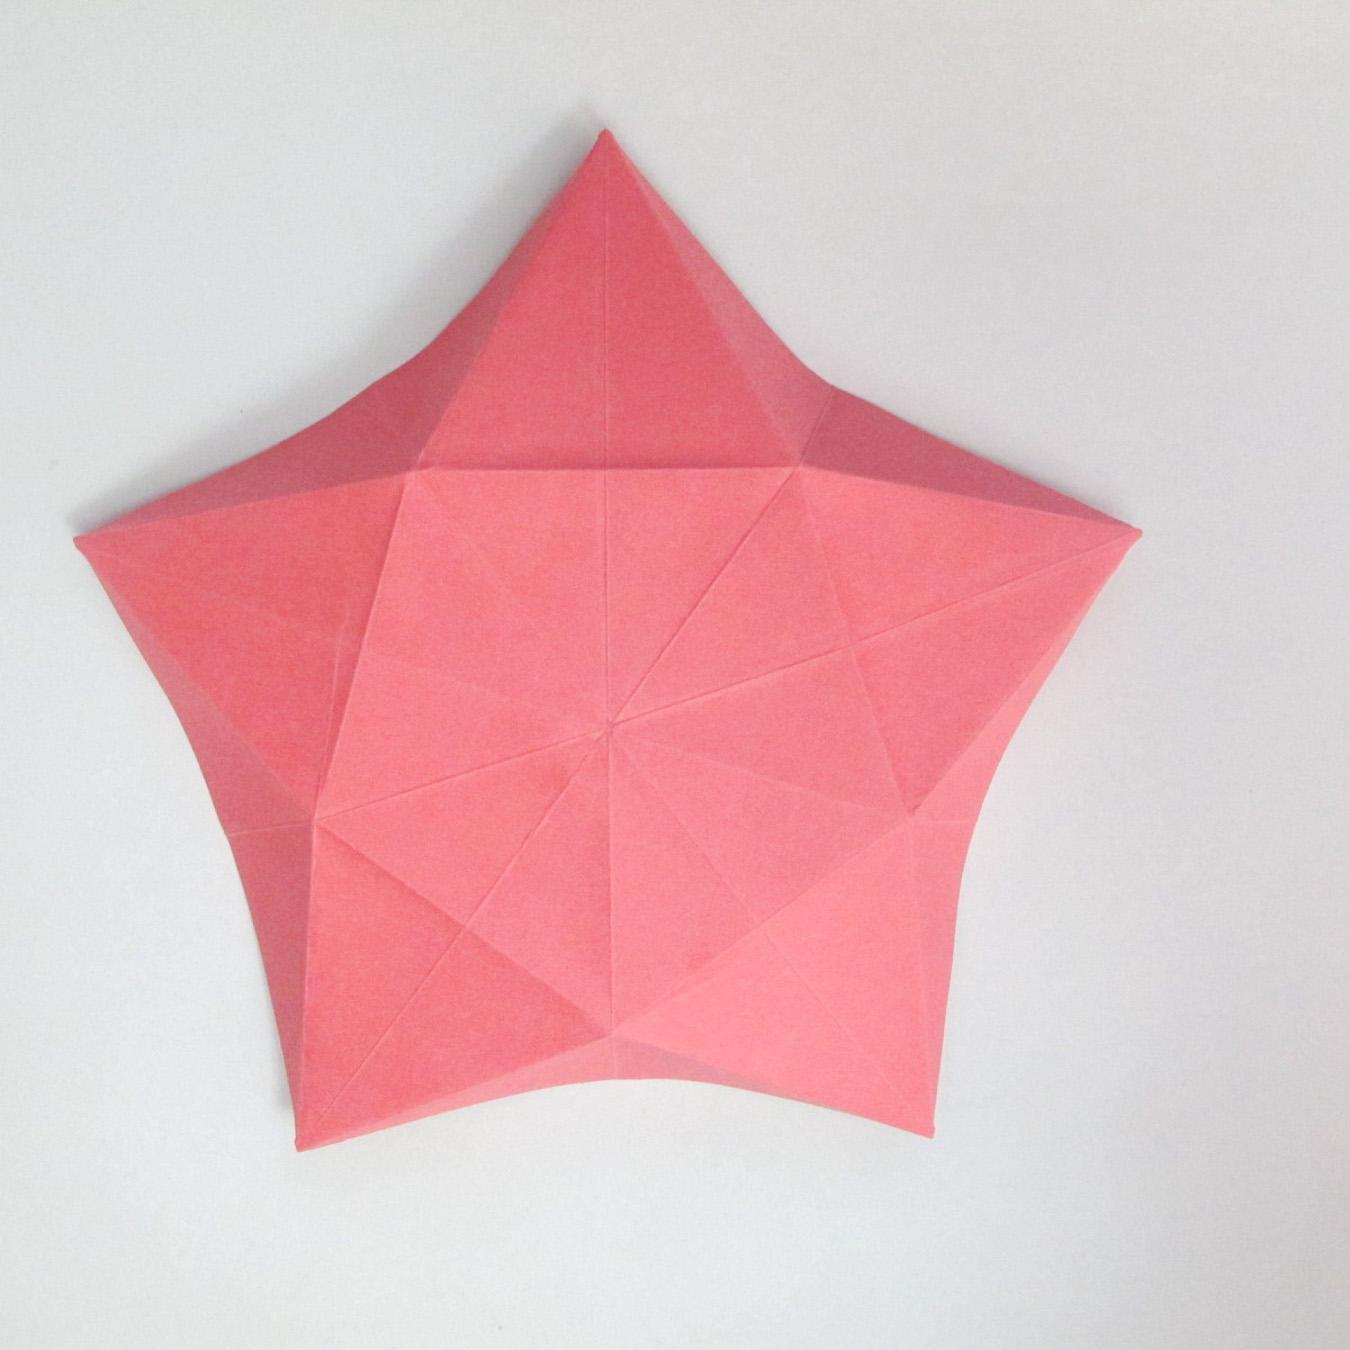 สอนวิธีการพับกระดาษเป็นดอกมะเฟือง (Origami Carambola) 013